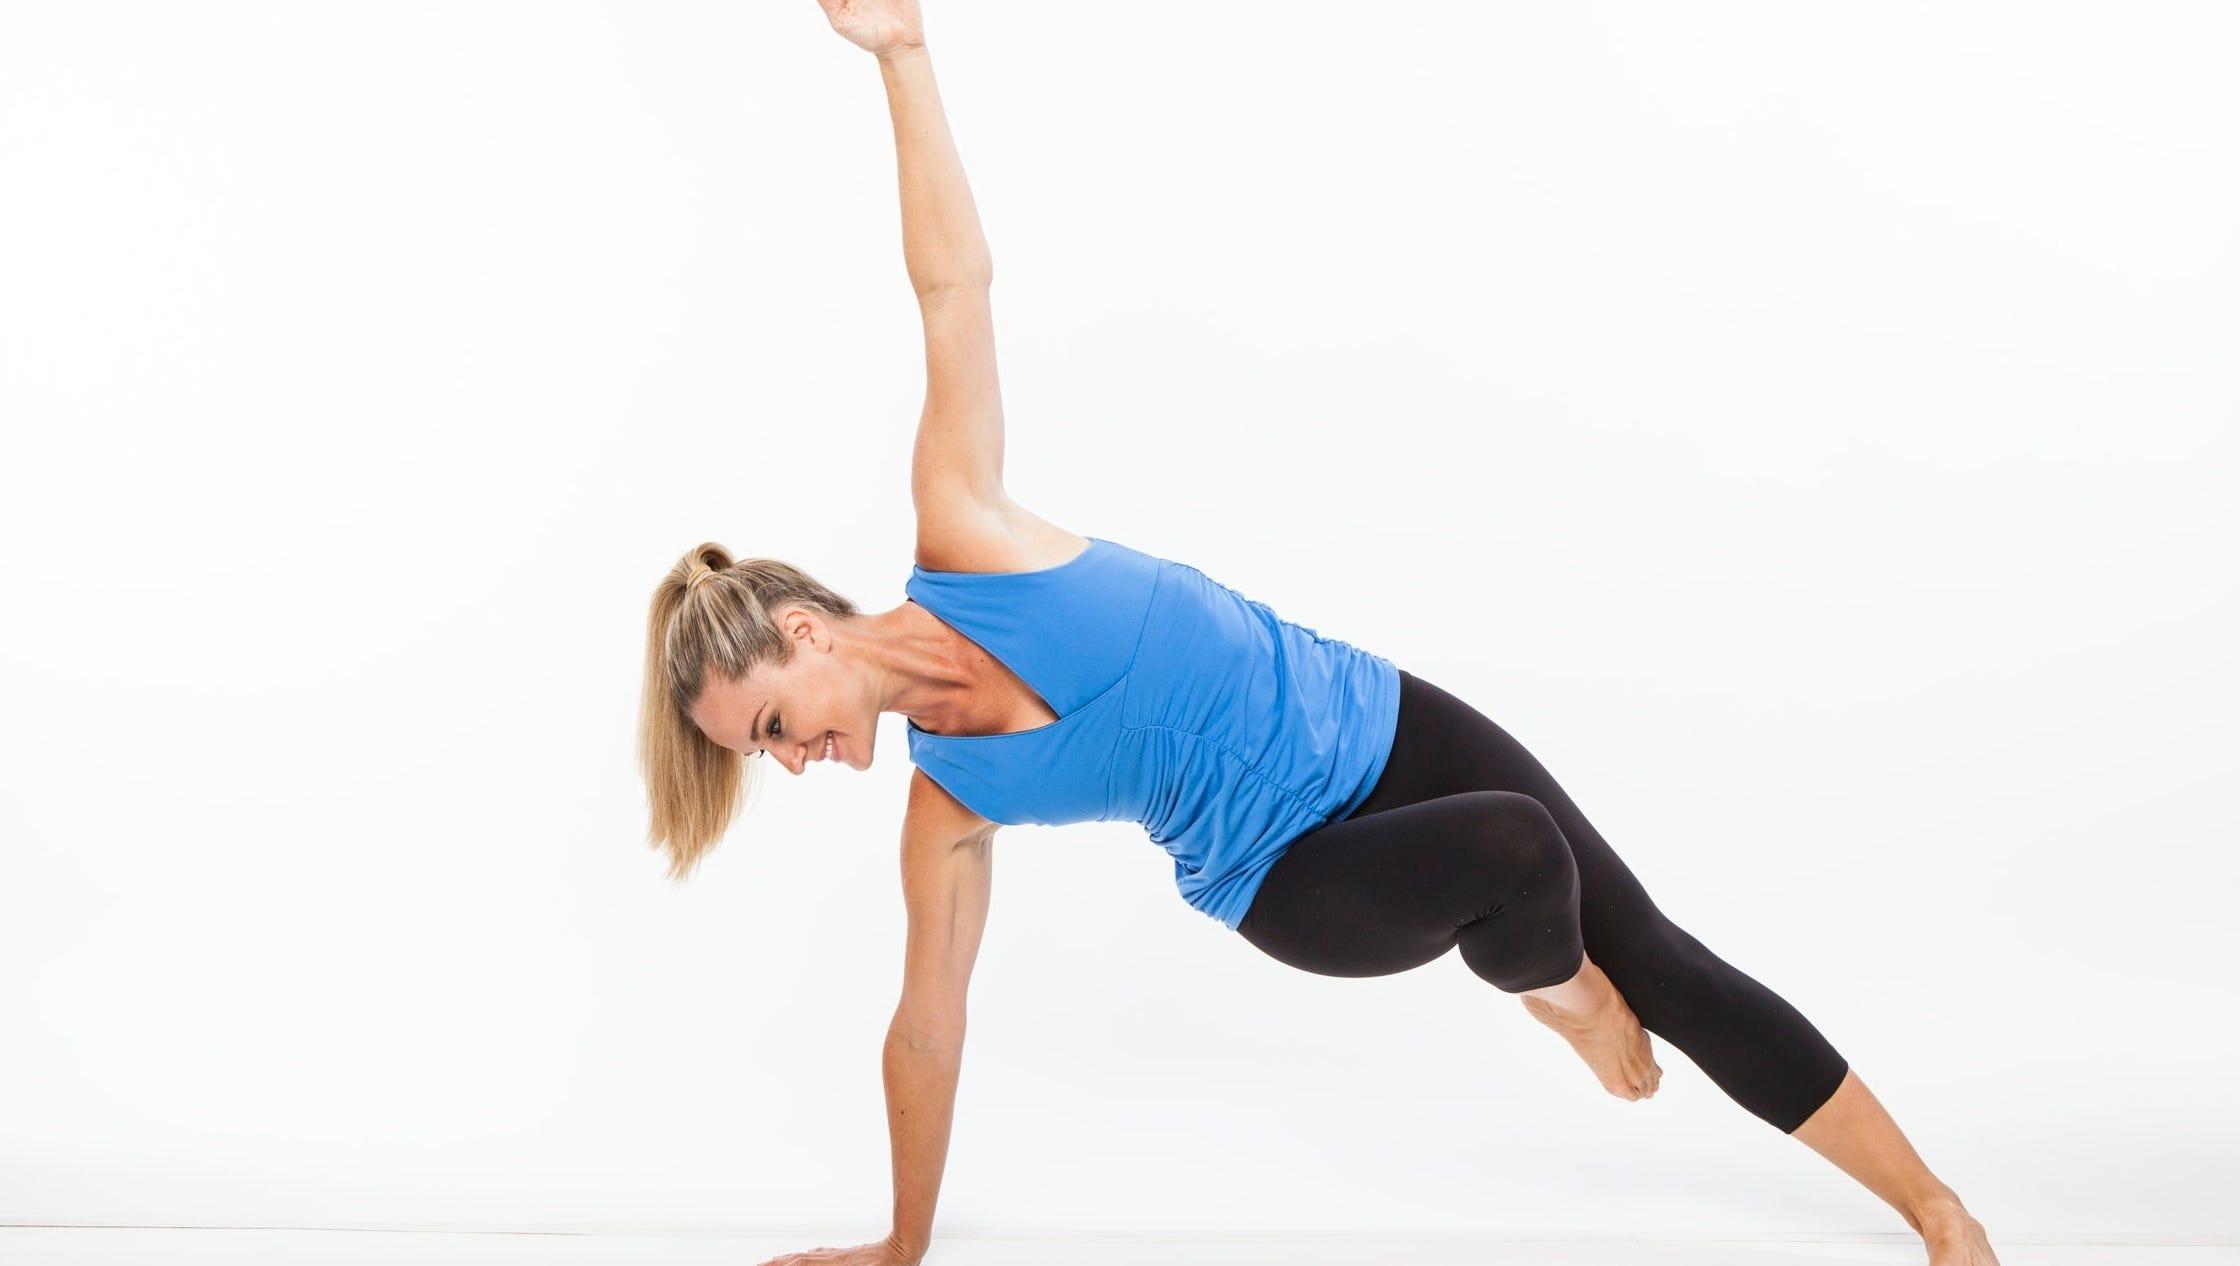 Αθλητισμός: Η άσκηση ως μέσο πρόληψης & διαχείρισης του διαβήτη και των καρδιαγγειακών παθήσεων [vid]